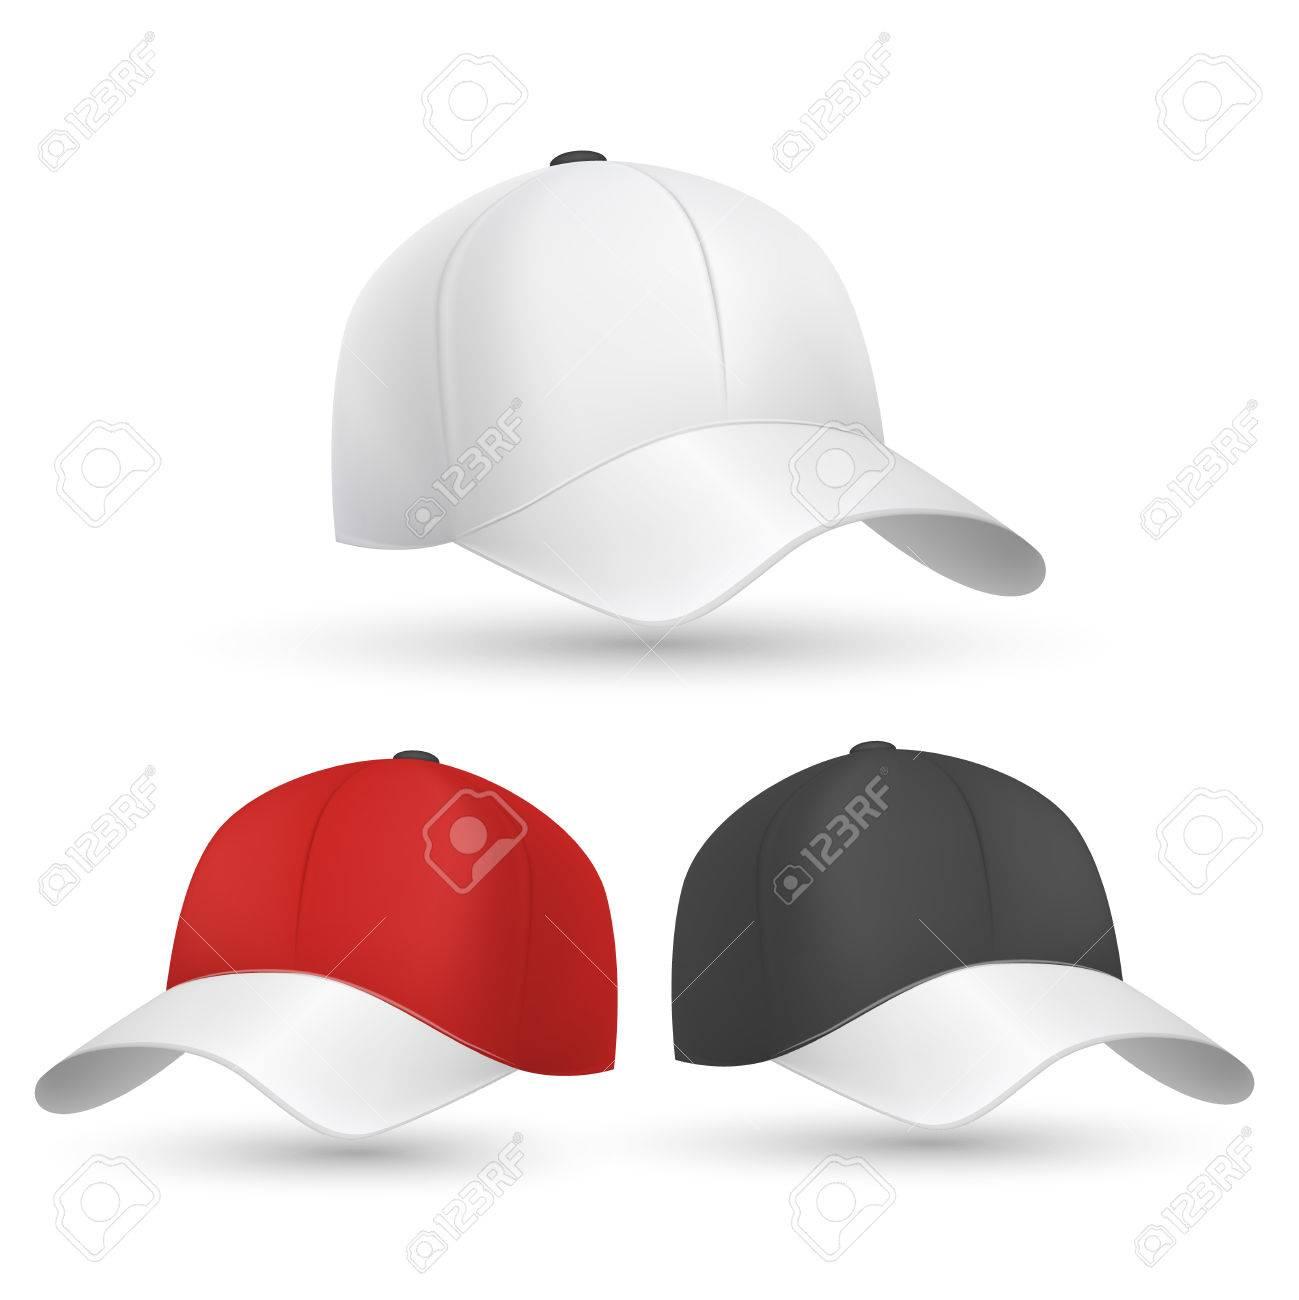 Baseball-Kappe Schwarz, Weiß Und Rot Vektor-Vorlagen. Cap Zum Schutz ...